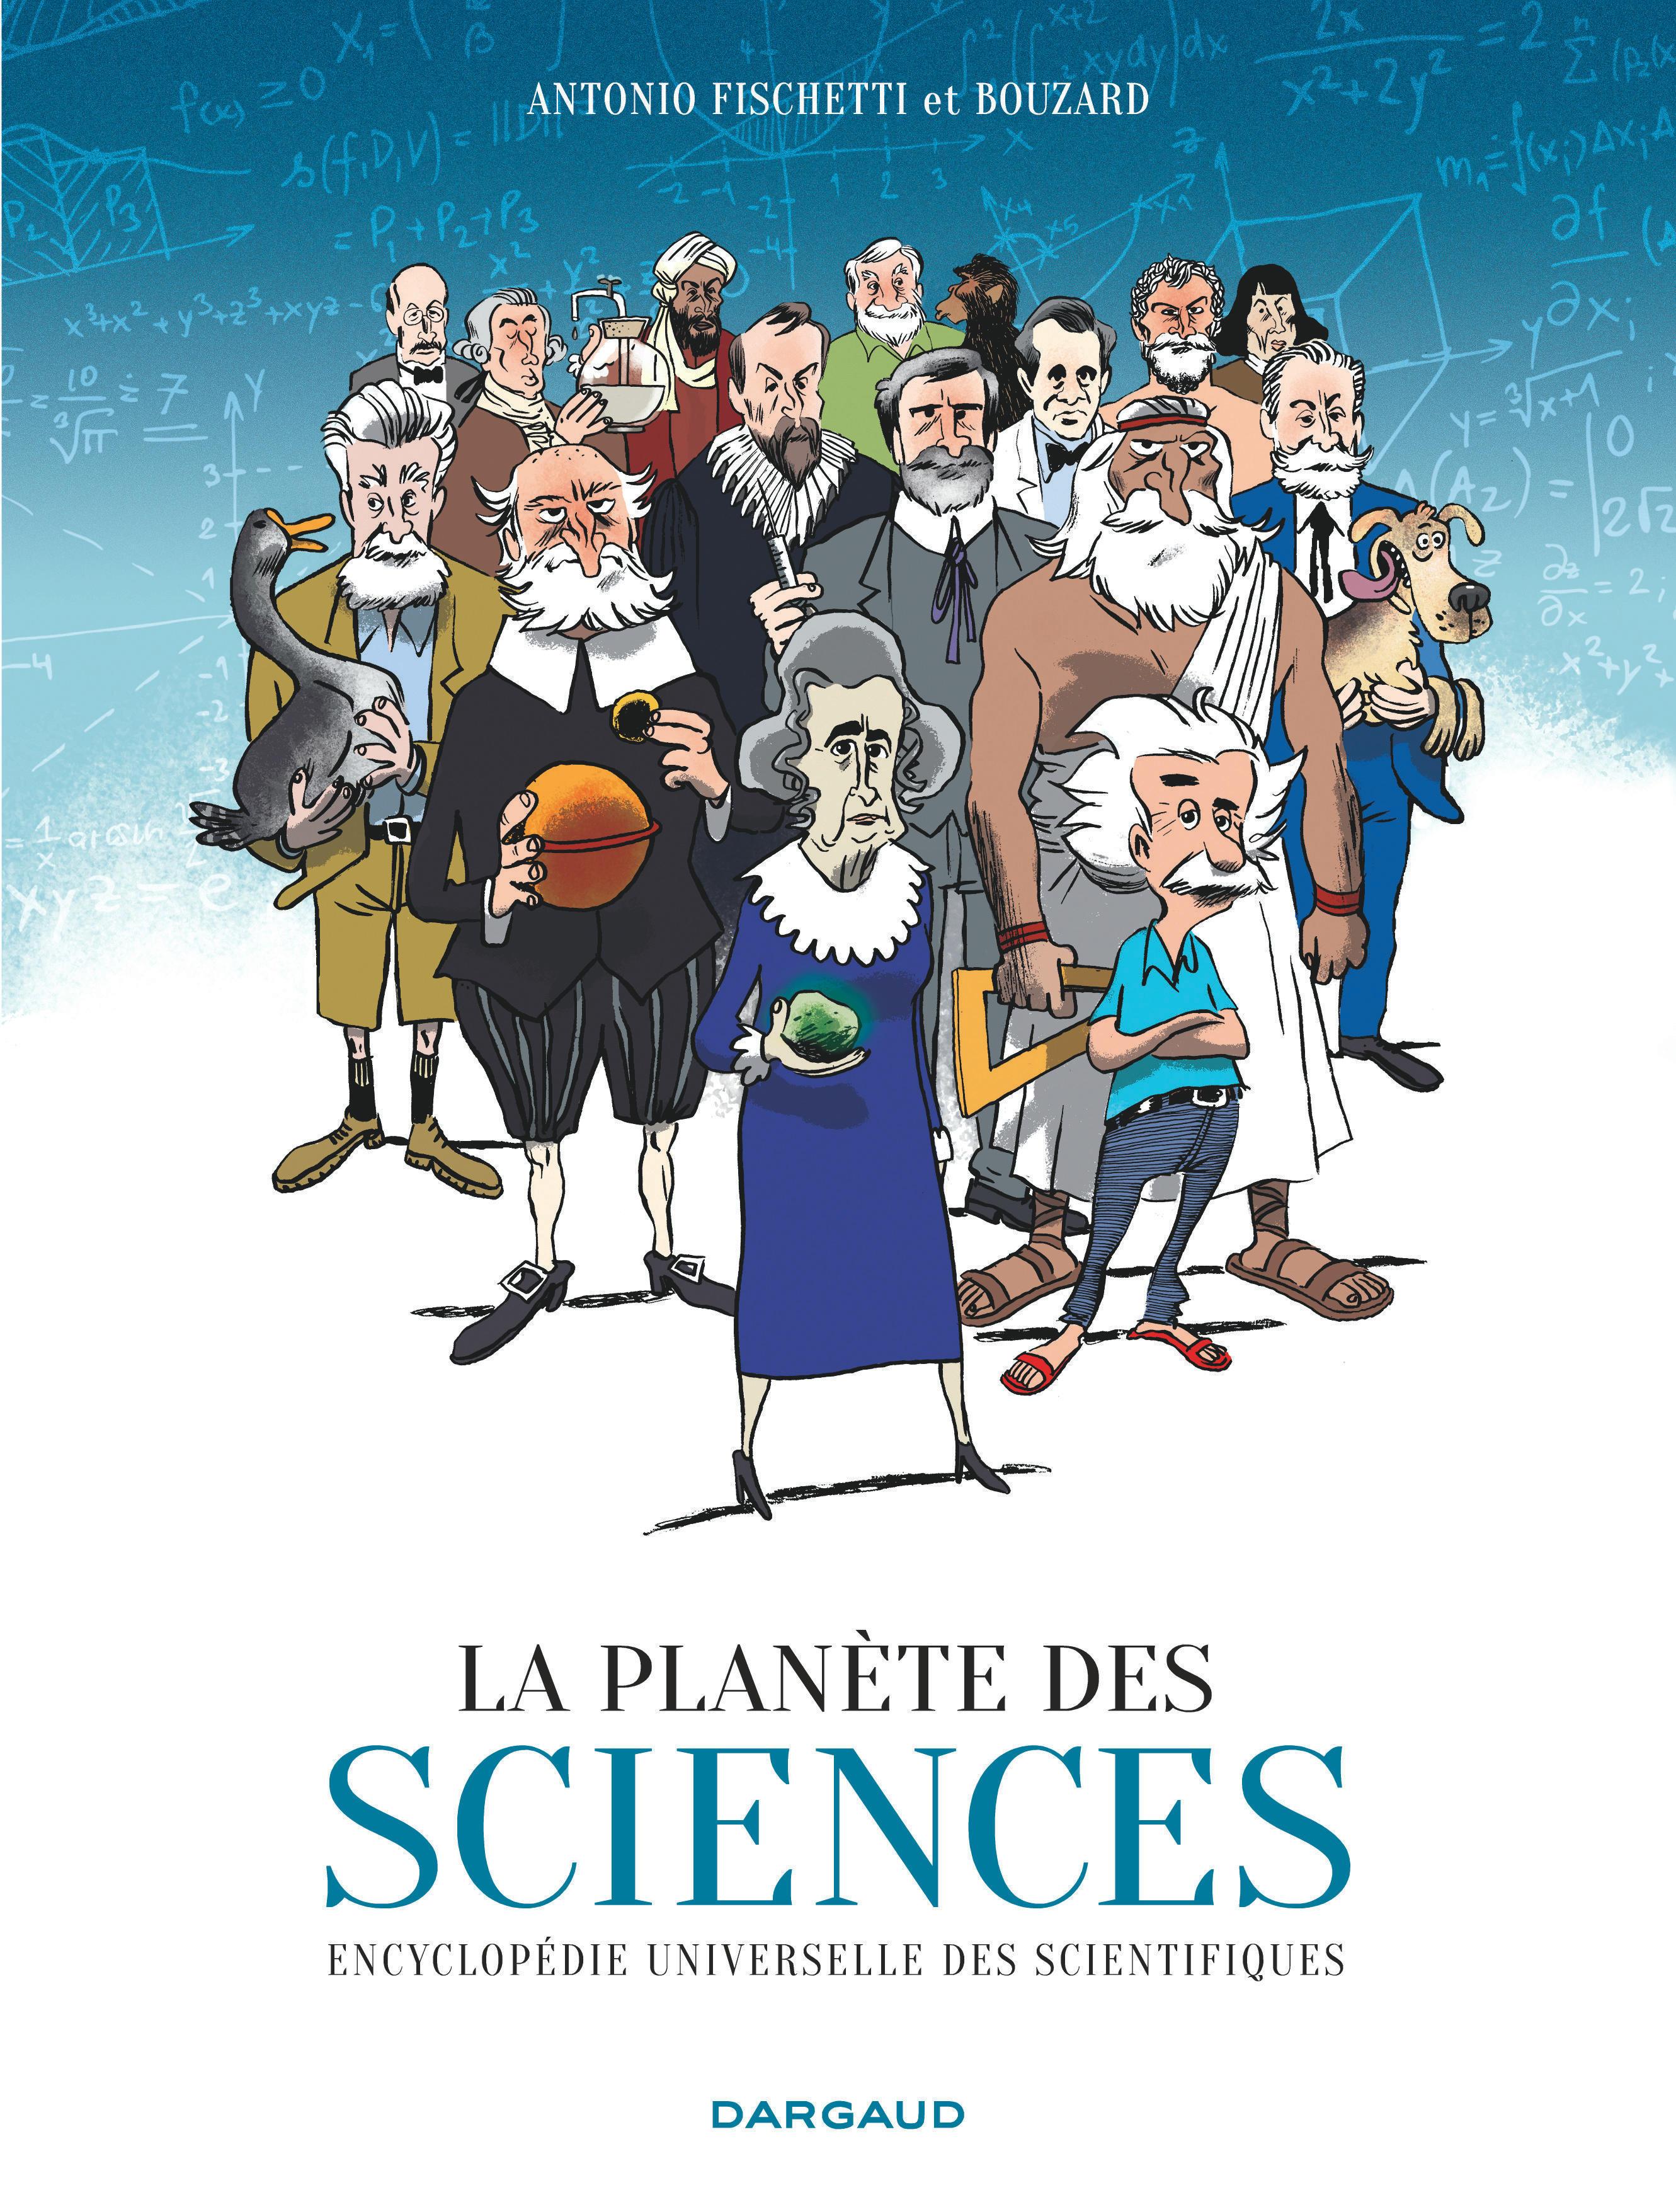 LA PLANETE DES SCIENCES - TOME 0 - LA PLANETE DES SCIENCES